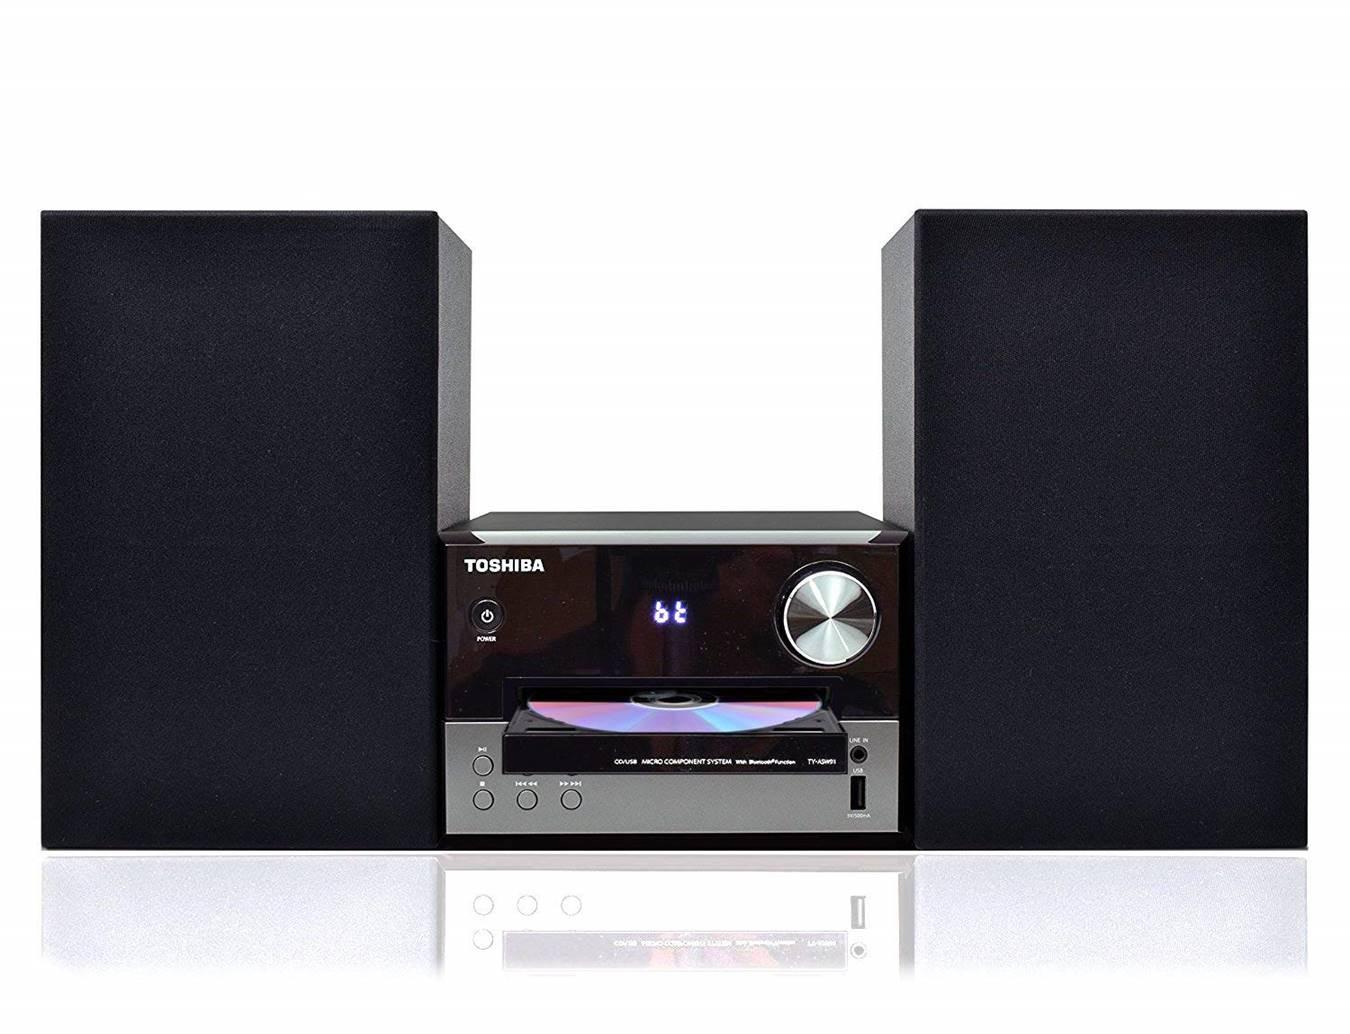 Toshiba TY-ASW91 Hi-Fi System